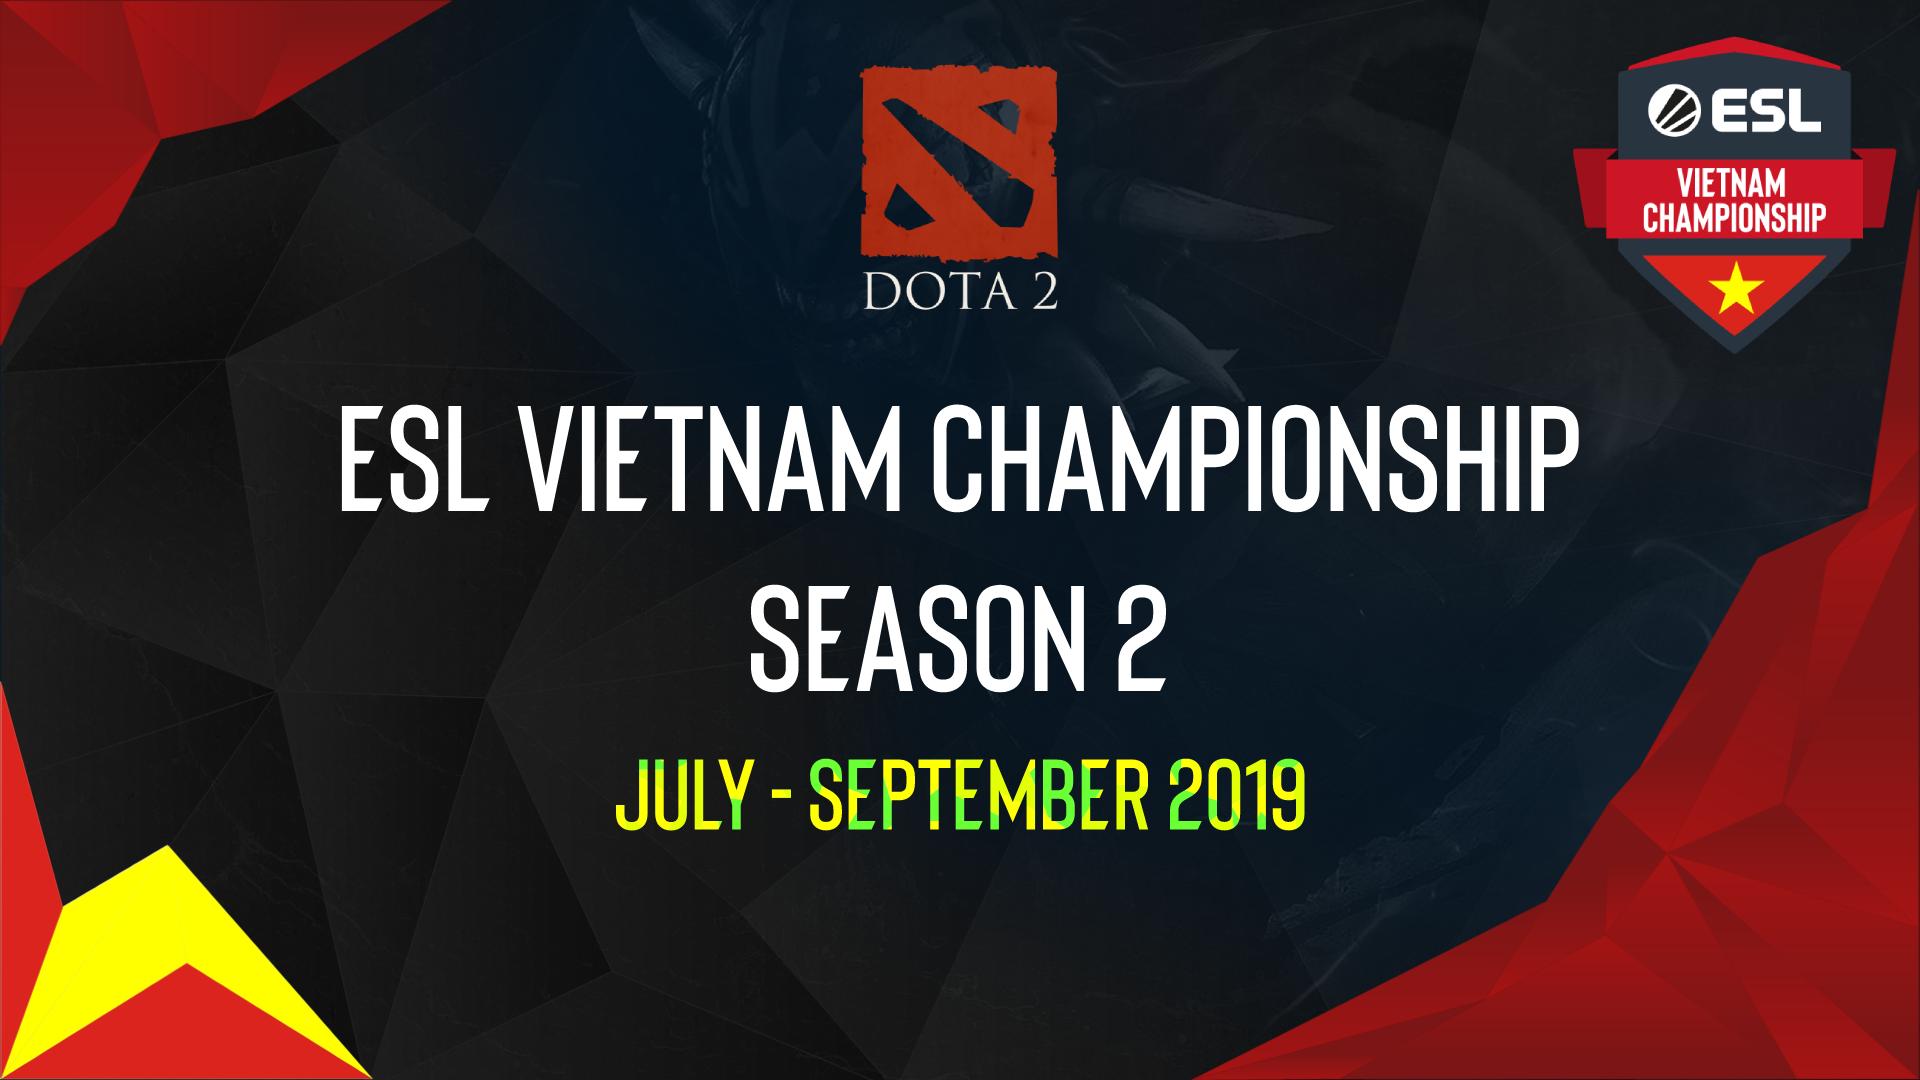 Kết quả hình ảnh cho esl vietnam championship mùa 2